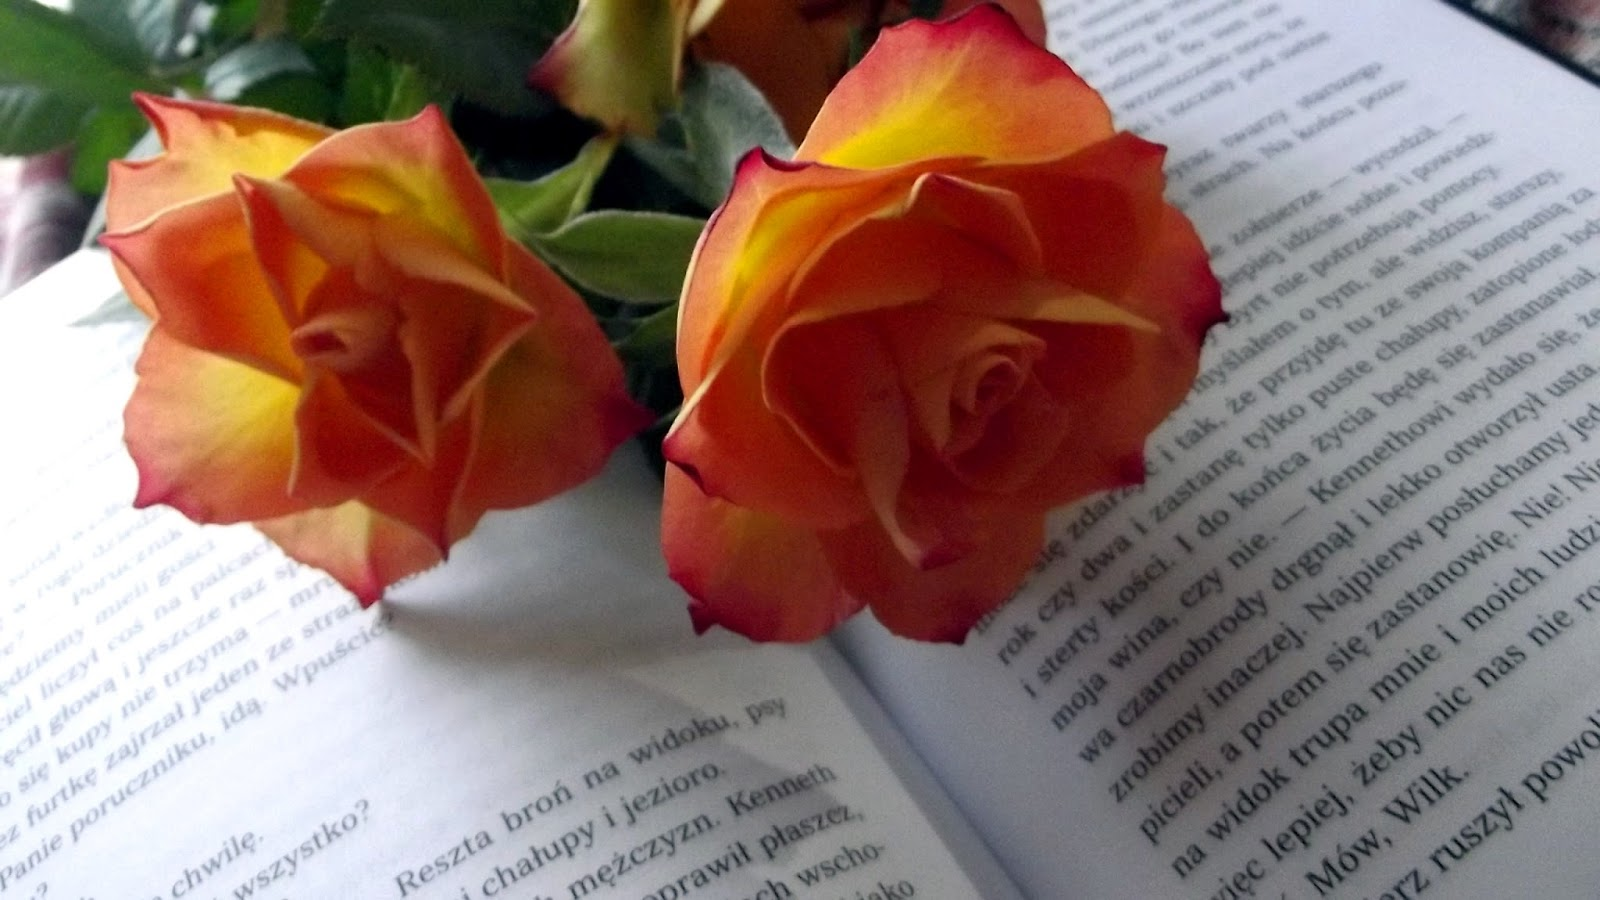 Książkowy marzec, czyli podsumowanie miesiąca